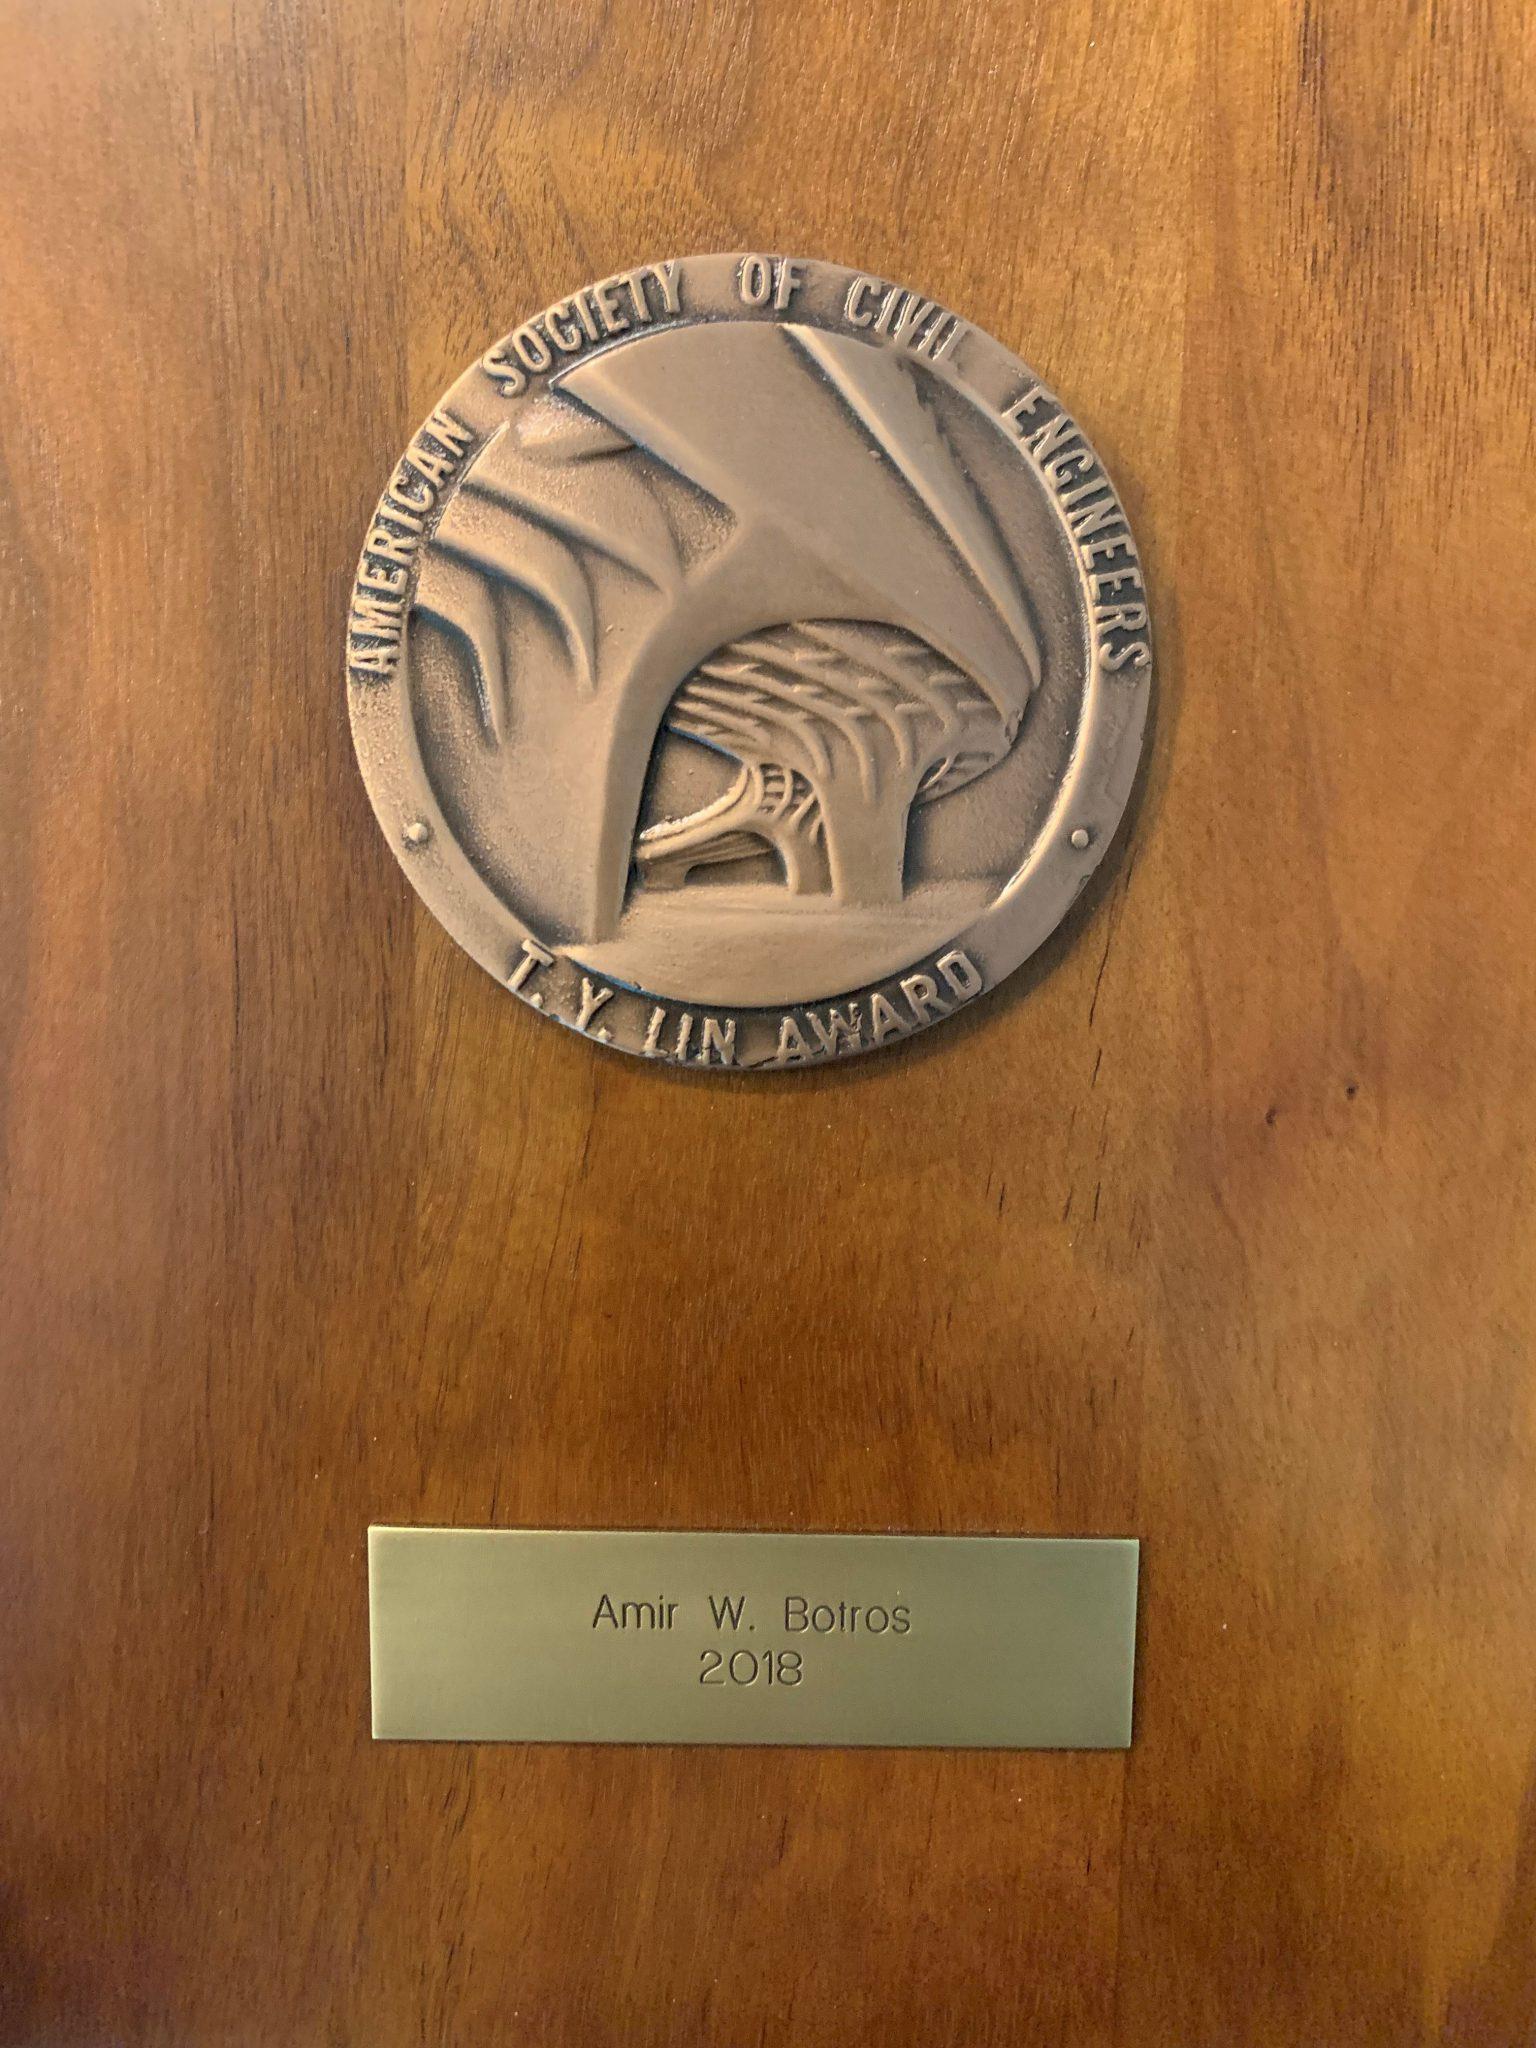 T. Y. Lin ASCE Award